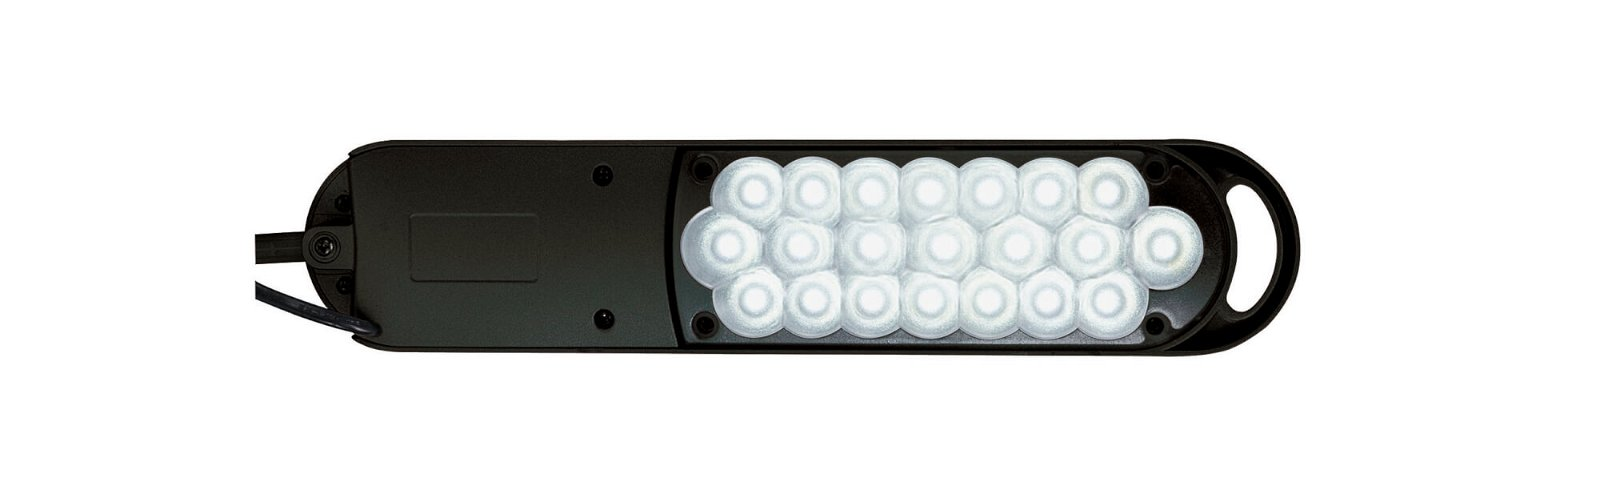 LED-Tischleuchte MAULatlantic, mit Klemmfuß, schwarz